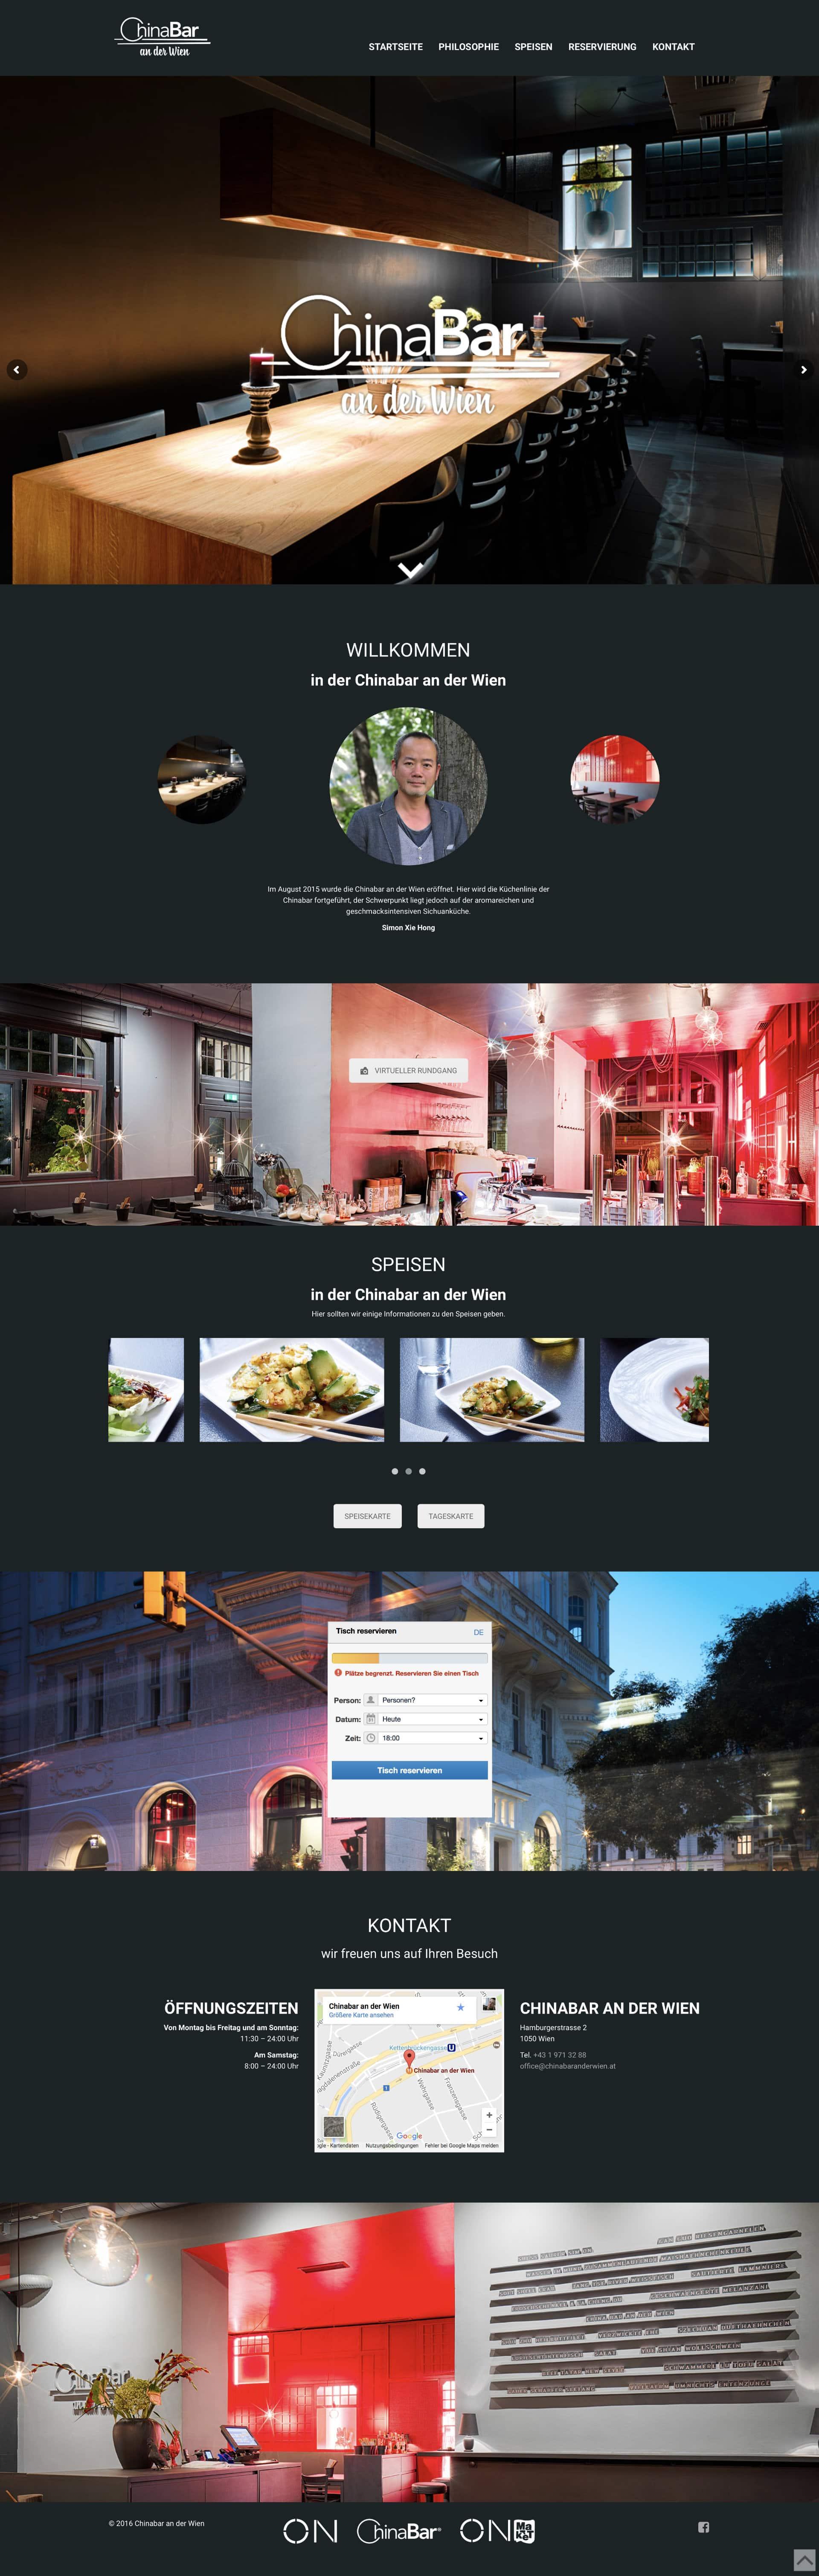 Chinabar an der Wien Website